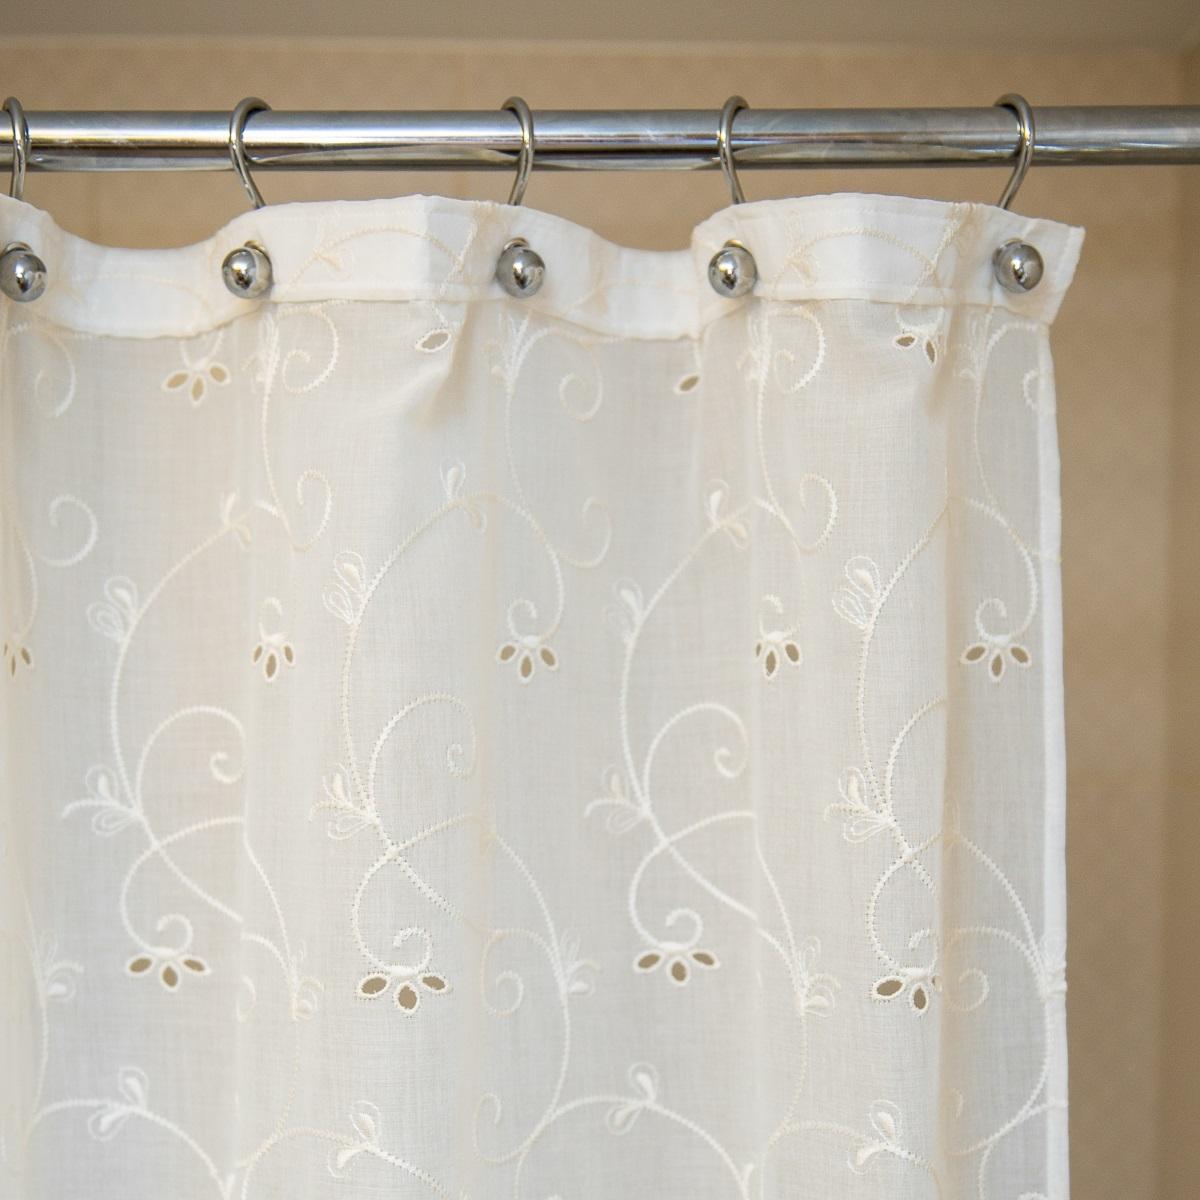 Шторки для ванной Шторка для ванной 200х240 Arti-Deco Embroidery 2803 elitnaya-shtorka-dlya-vannoy-240h200-embrodery-2803-ot-arti-deco-ispaniya.jpg